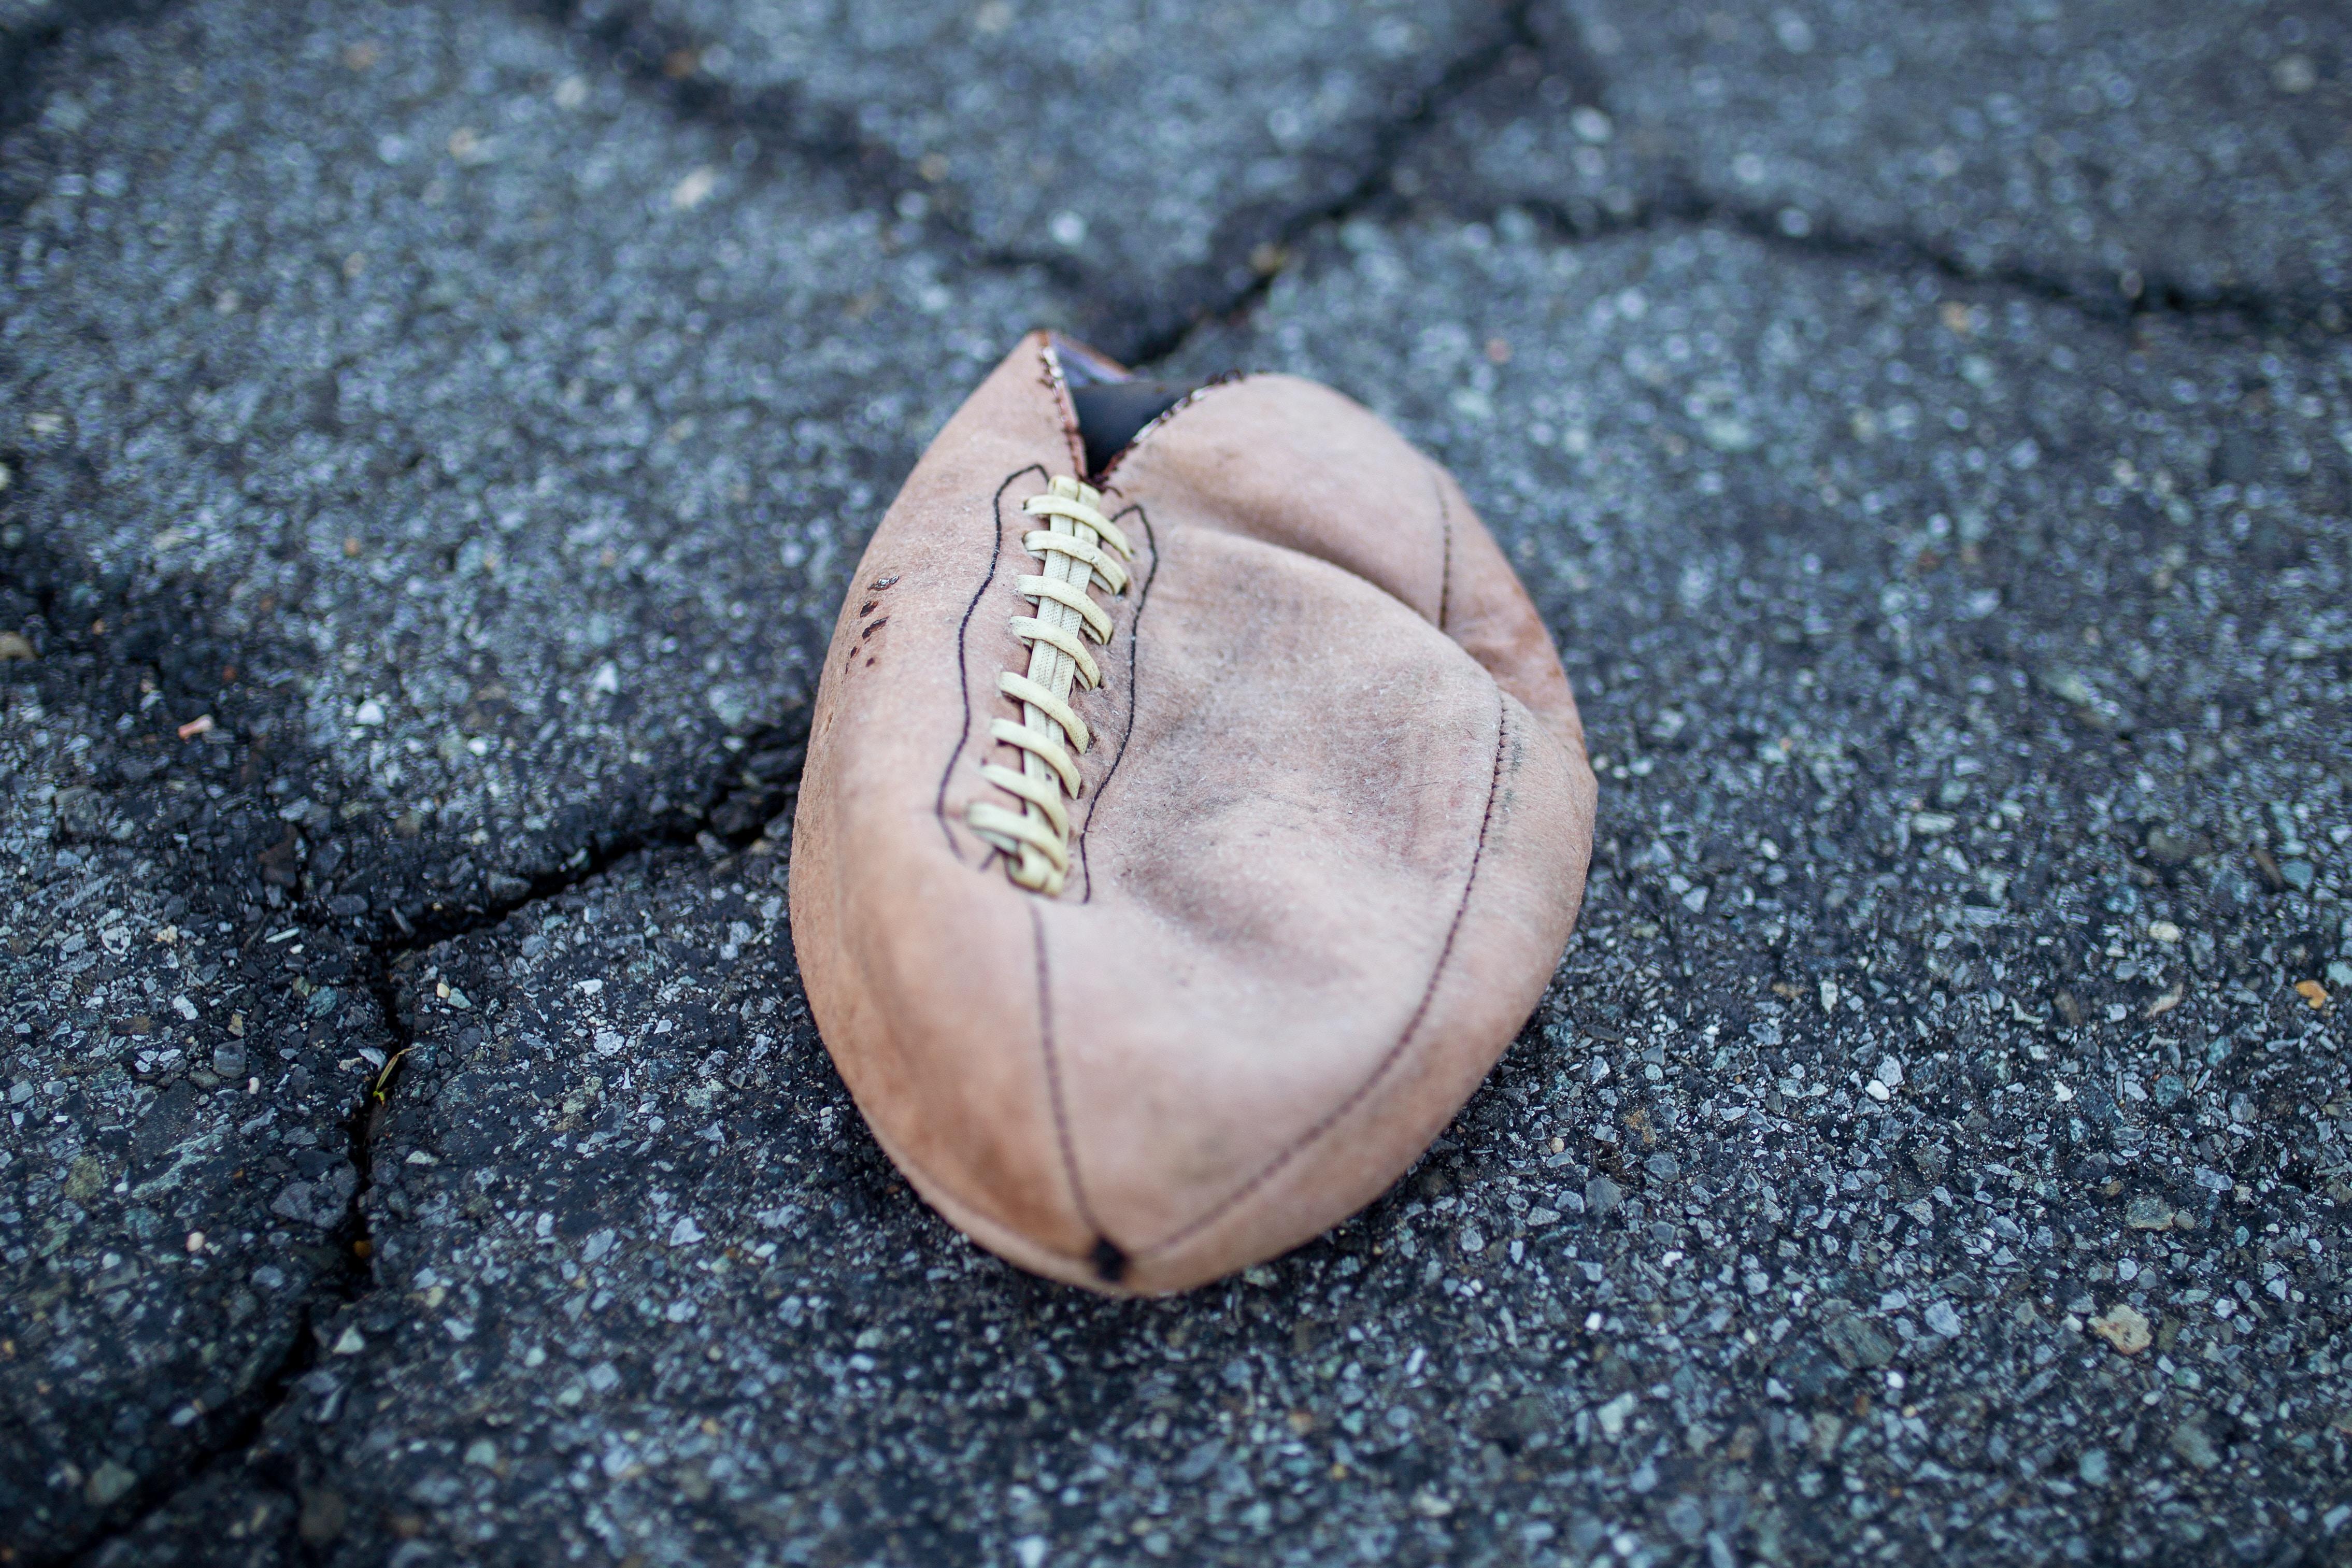 brown leather football on floor